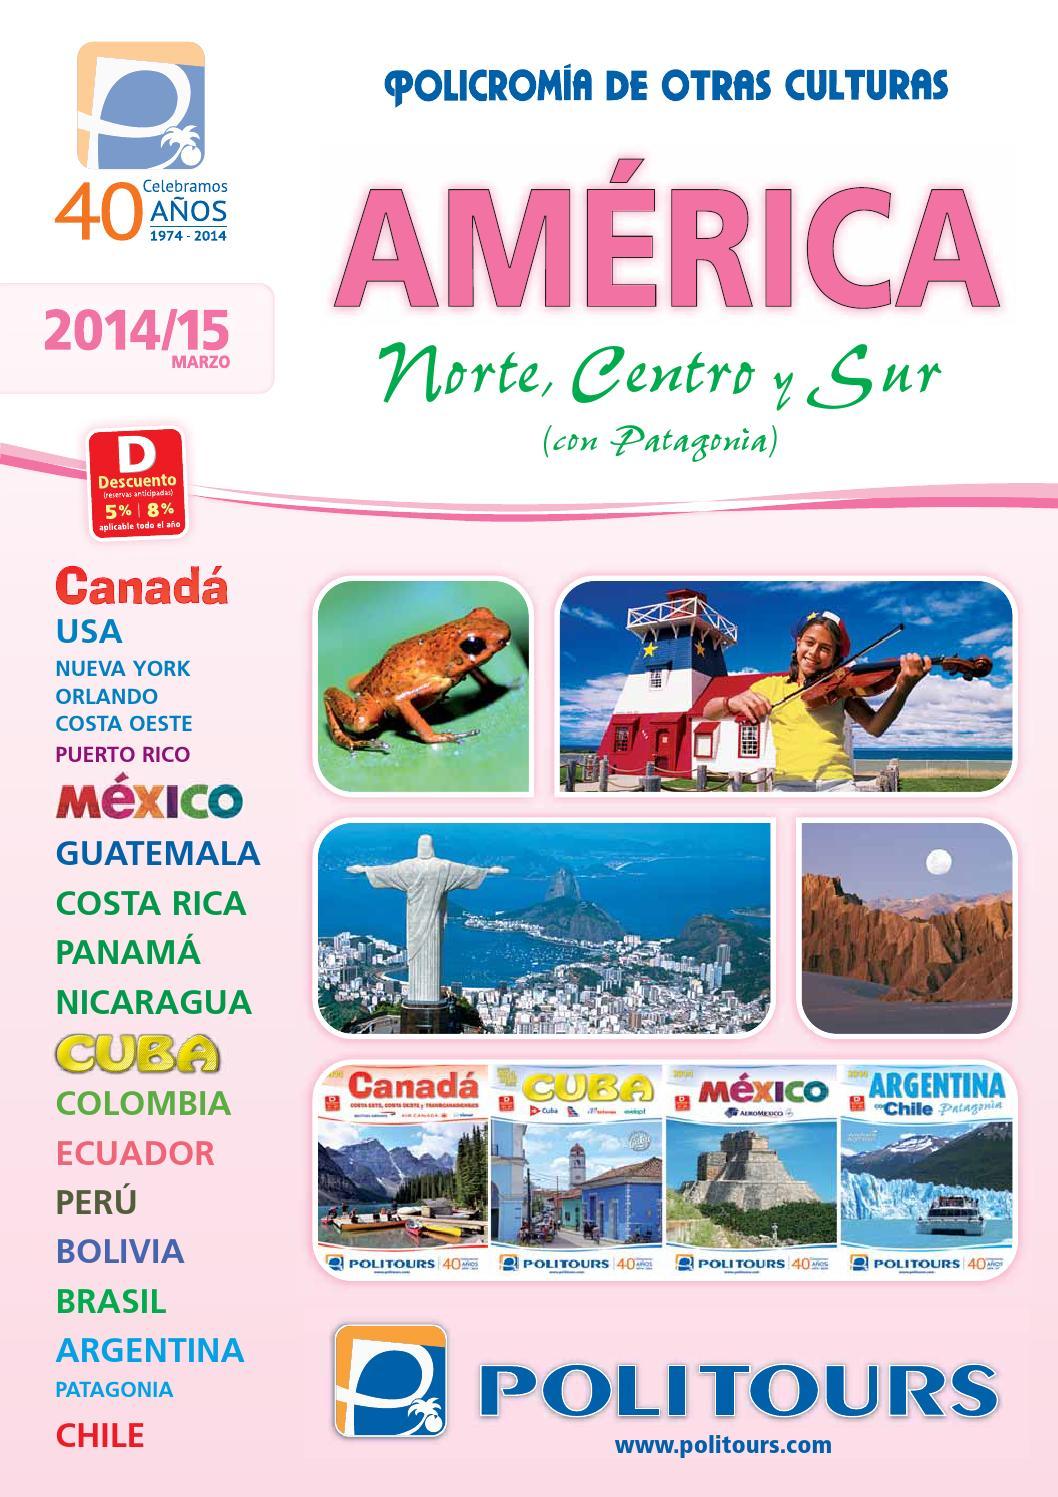 e93ae0da3 Catálogo Politours América 2014 - 2015 by Tierra Sinai - issuu